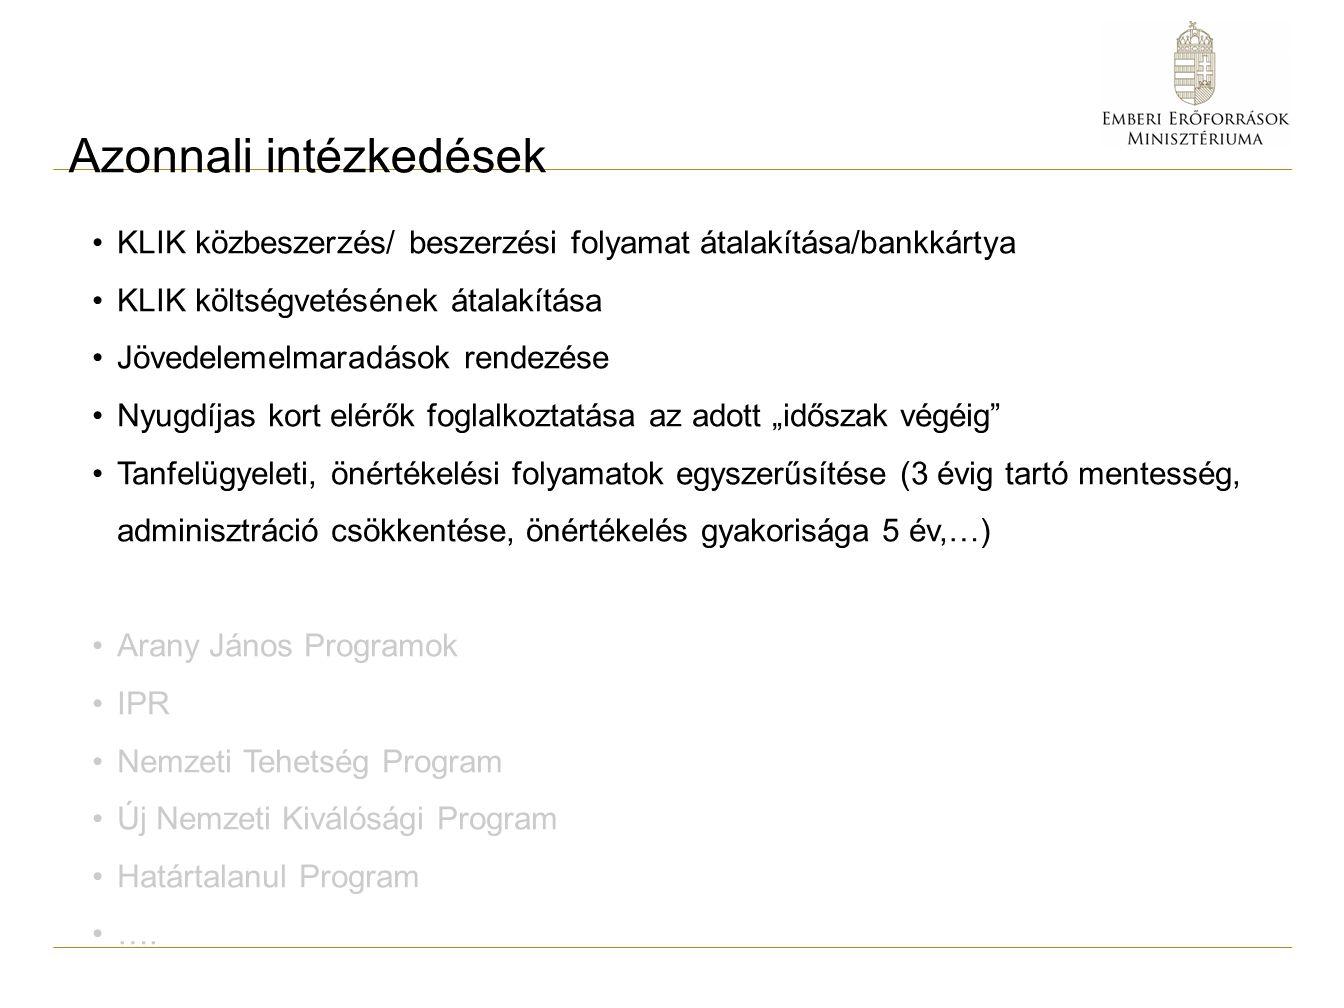 Azonnali intézkedések KLIK közbeszerzés/ beszerzési folyamat átalakítása/bankkártya KLIK költségvetésének átalakítása Jövedelemelmaradások rendezése N